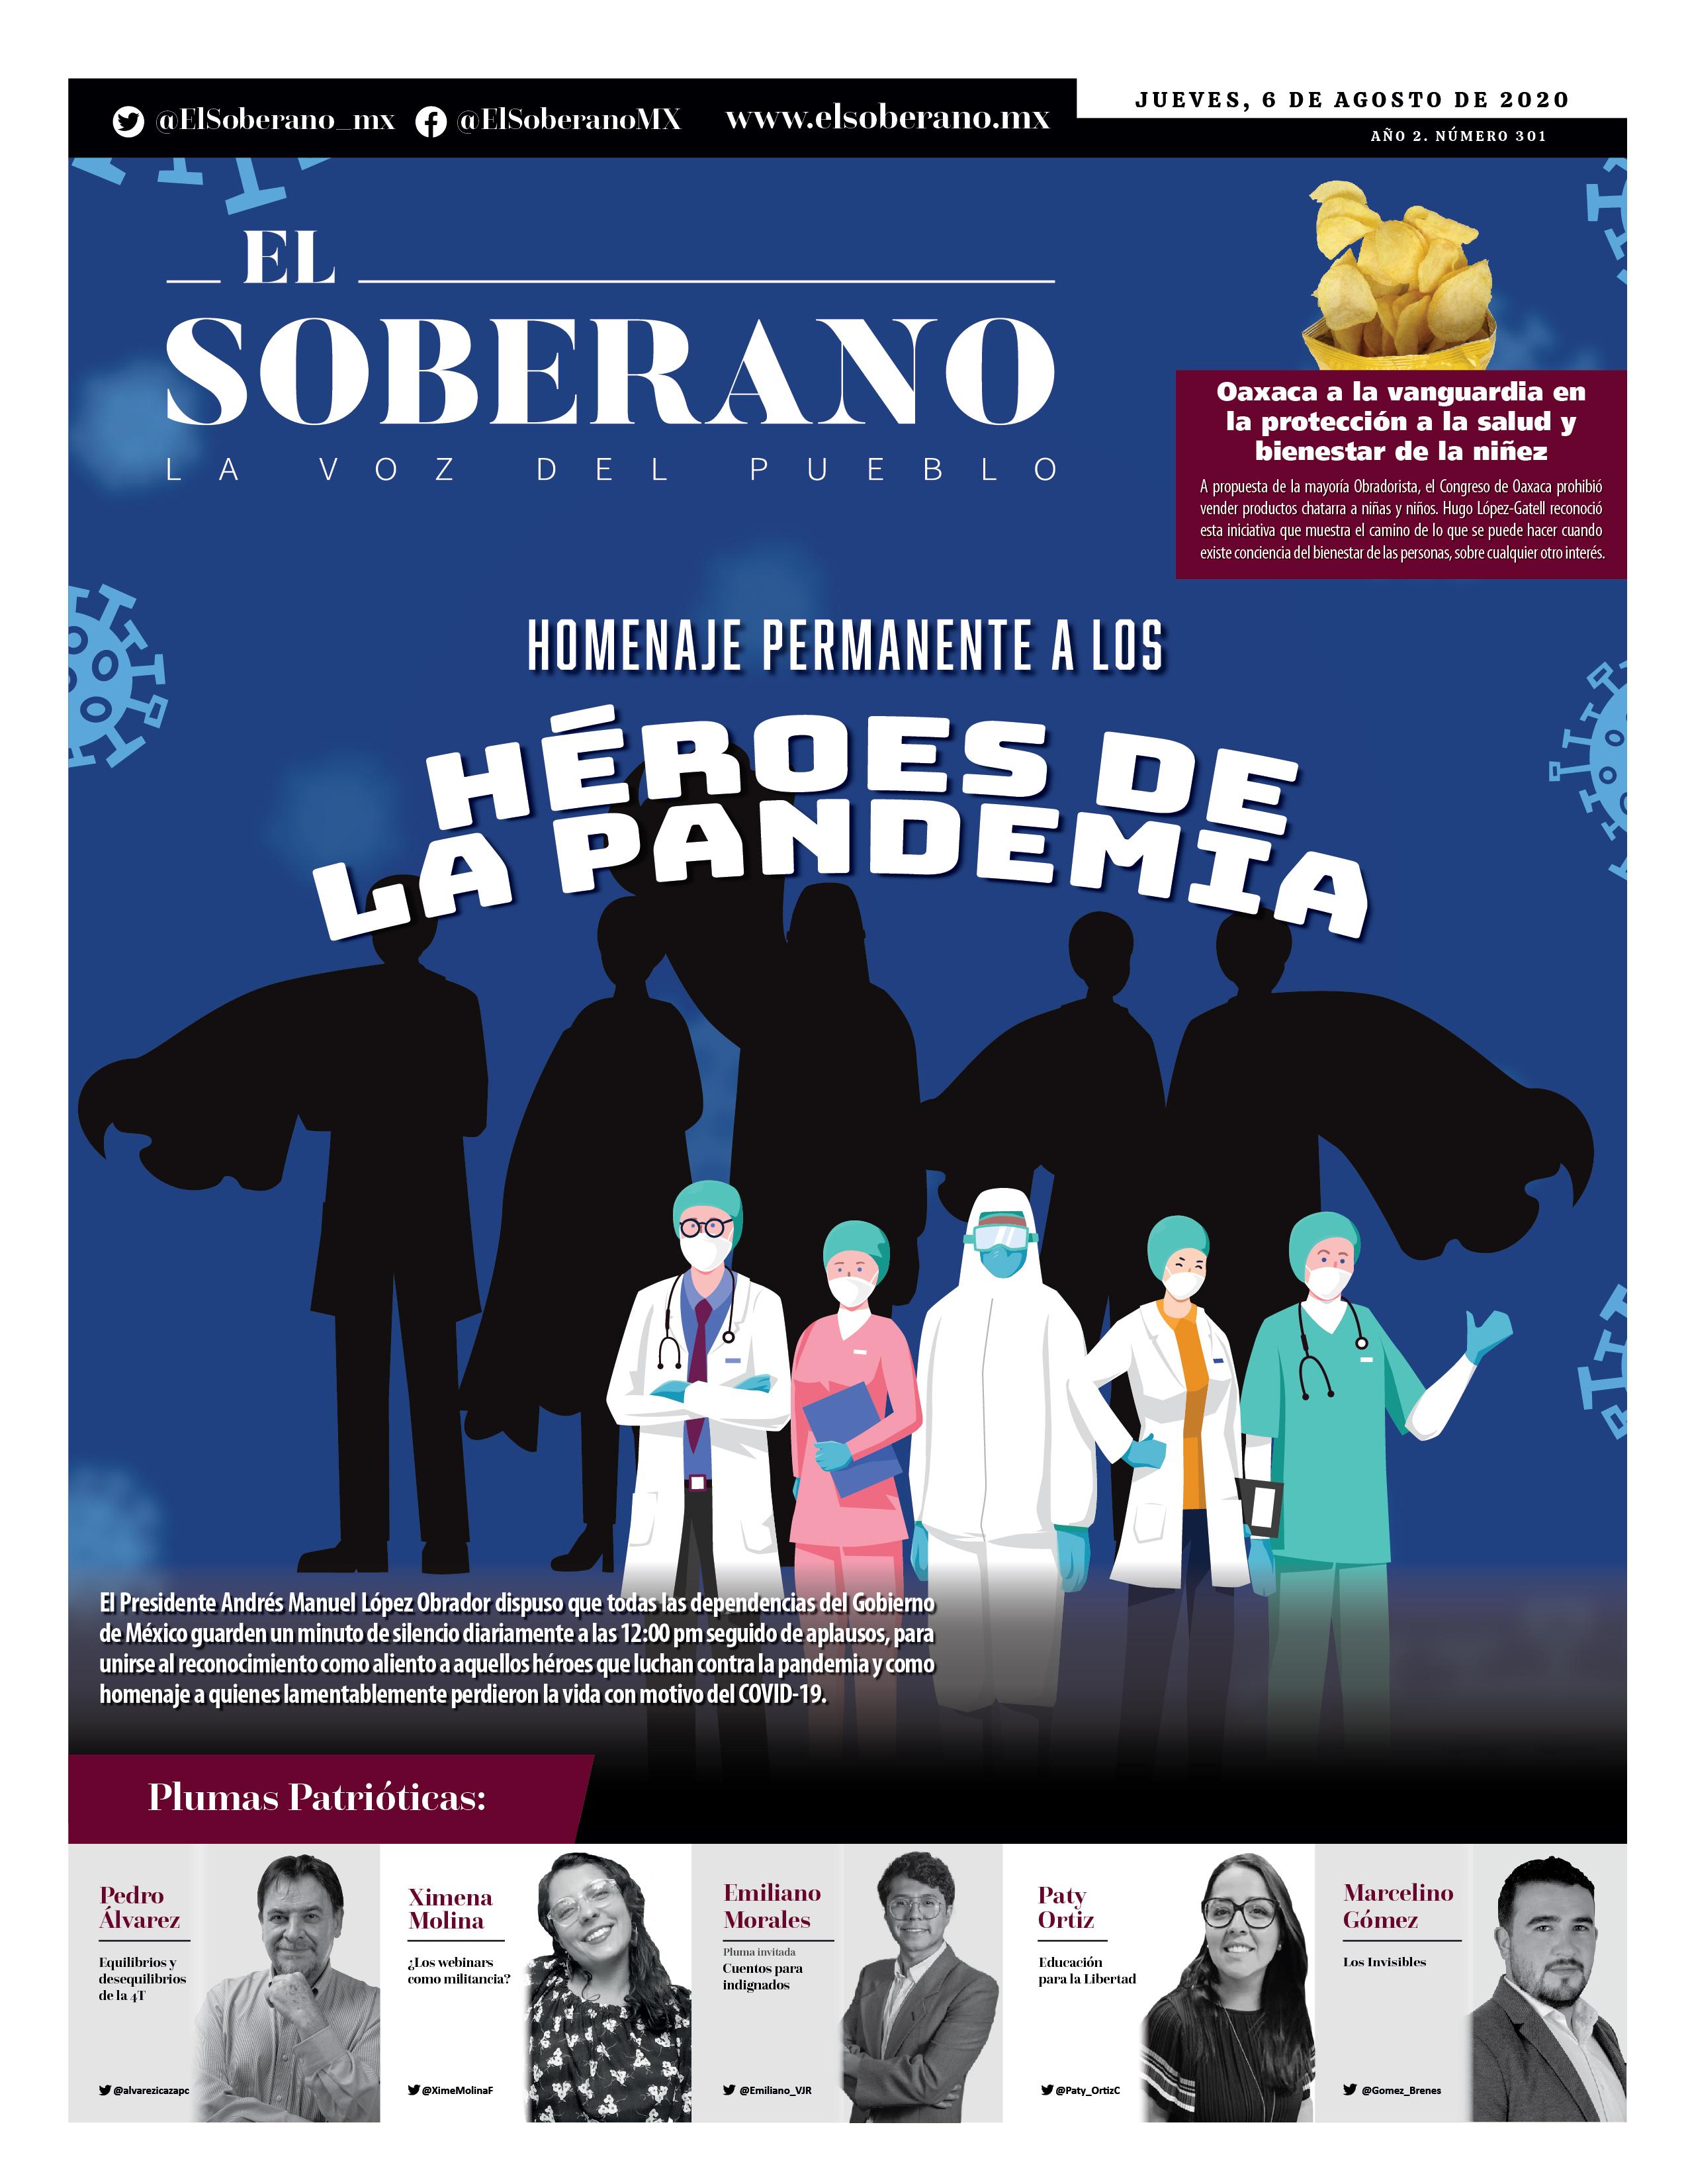 Homenaje permanente a los héroes de la pandemia